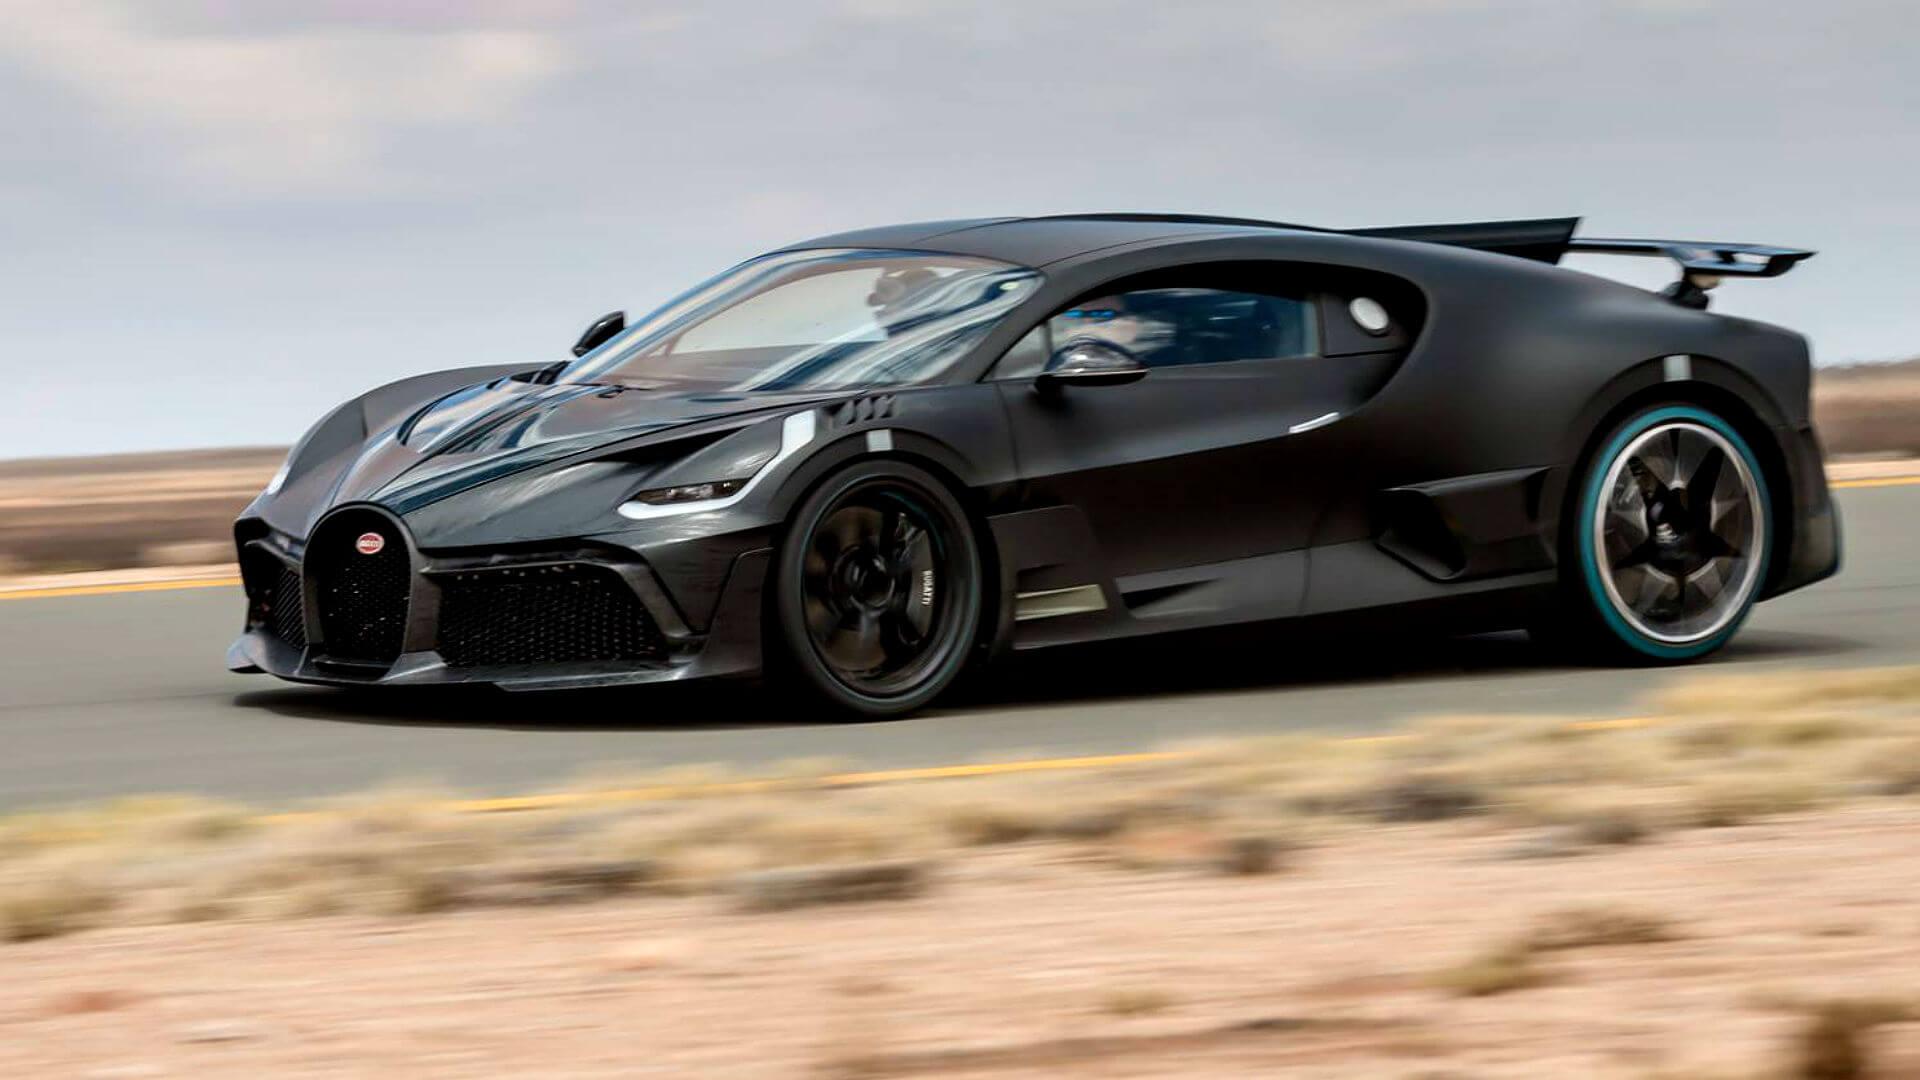 «Καυτές» δοκιμές για το υπεραυτοκίνητο των 5 εκατομμυρίων ευρώ! [pics]